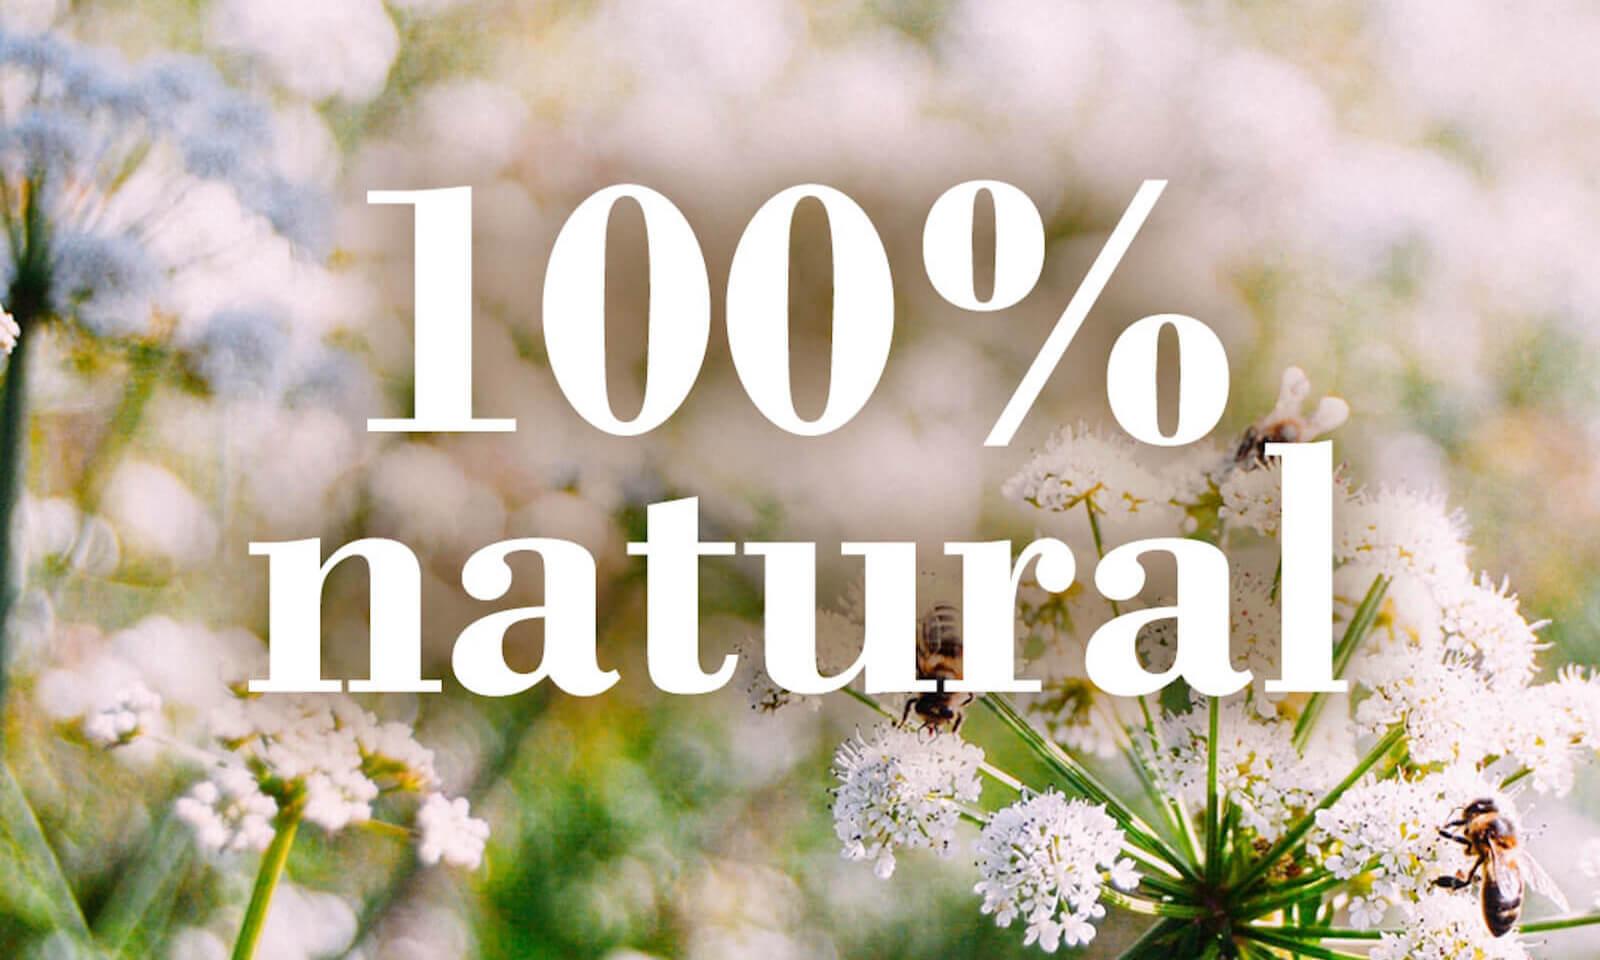 Todo lo que necesitamos para sobrevivir proviene de la naturaleza.